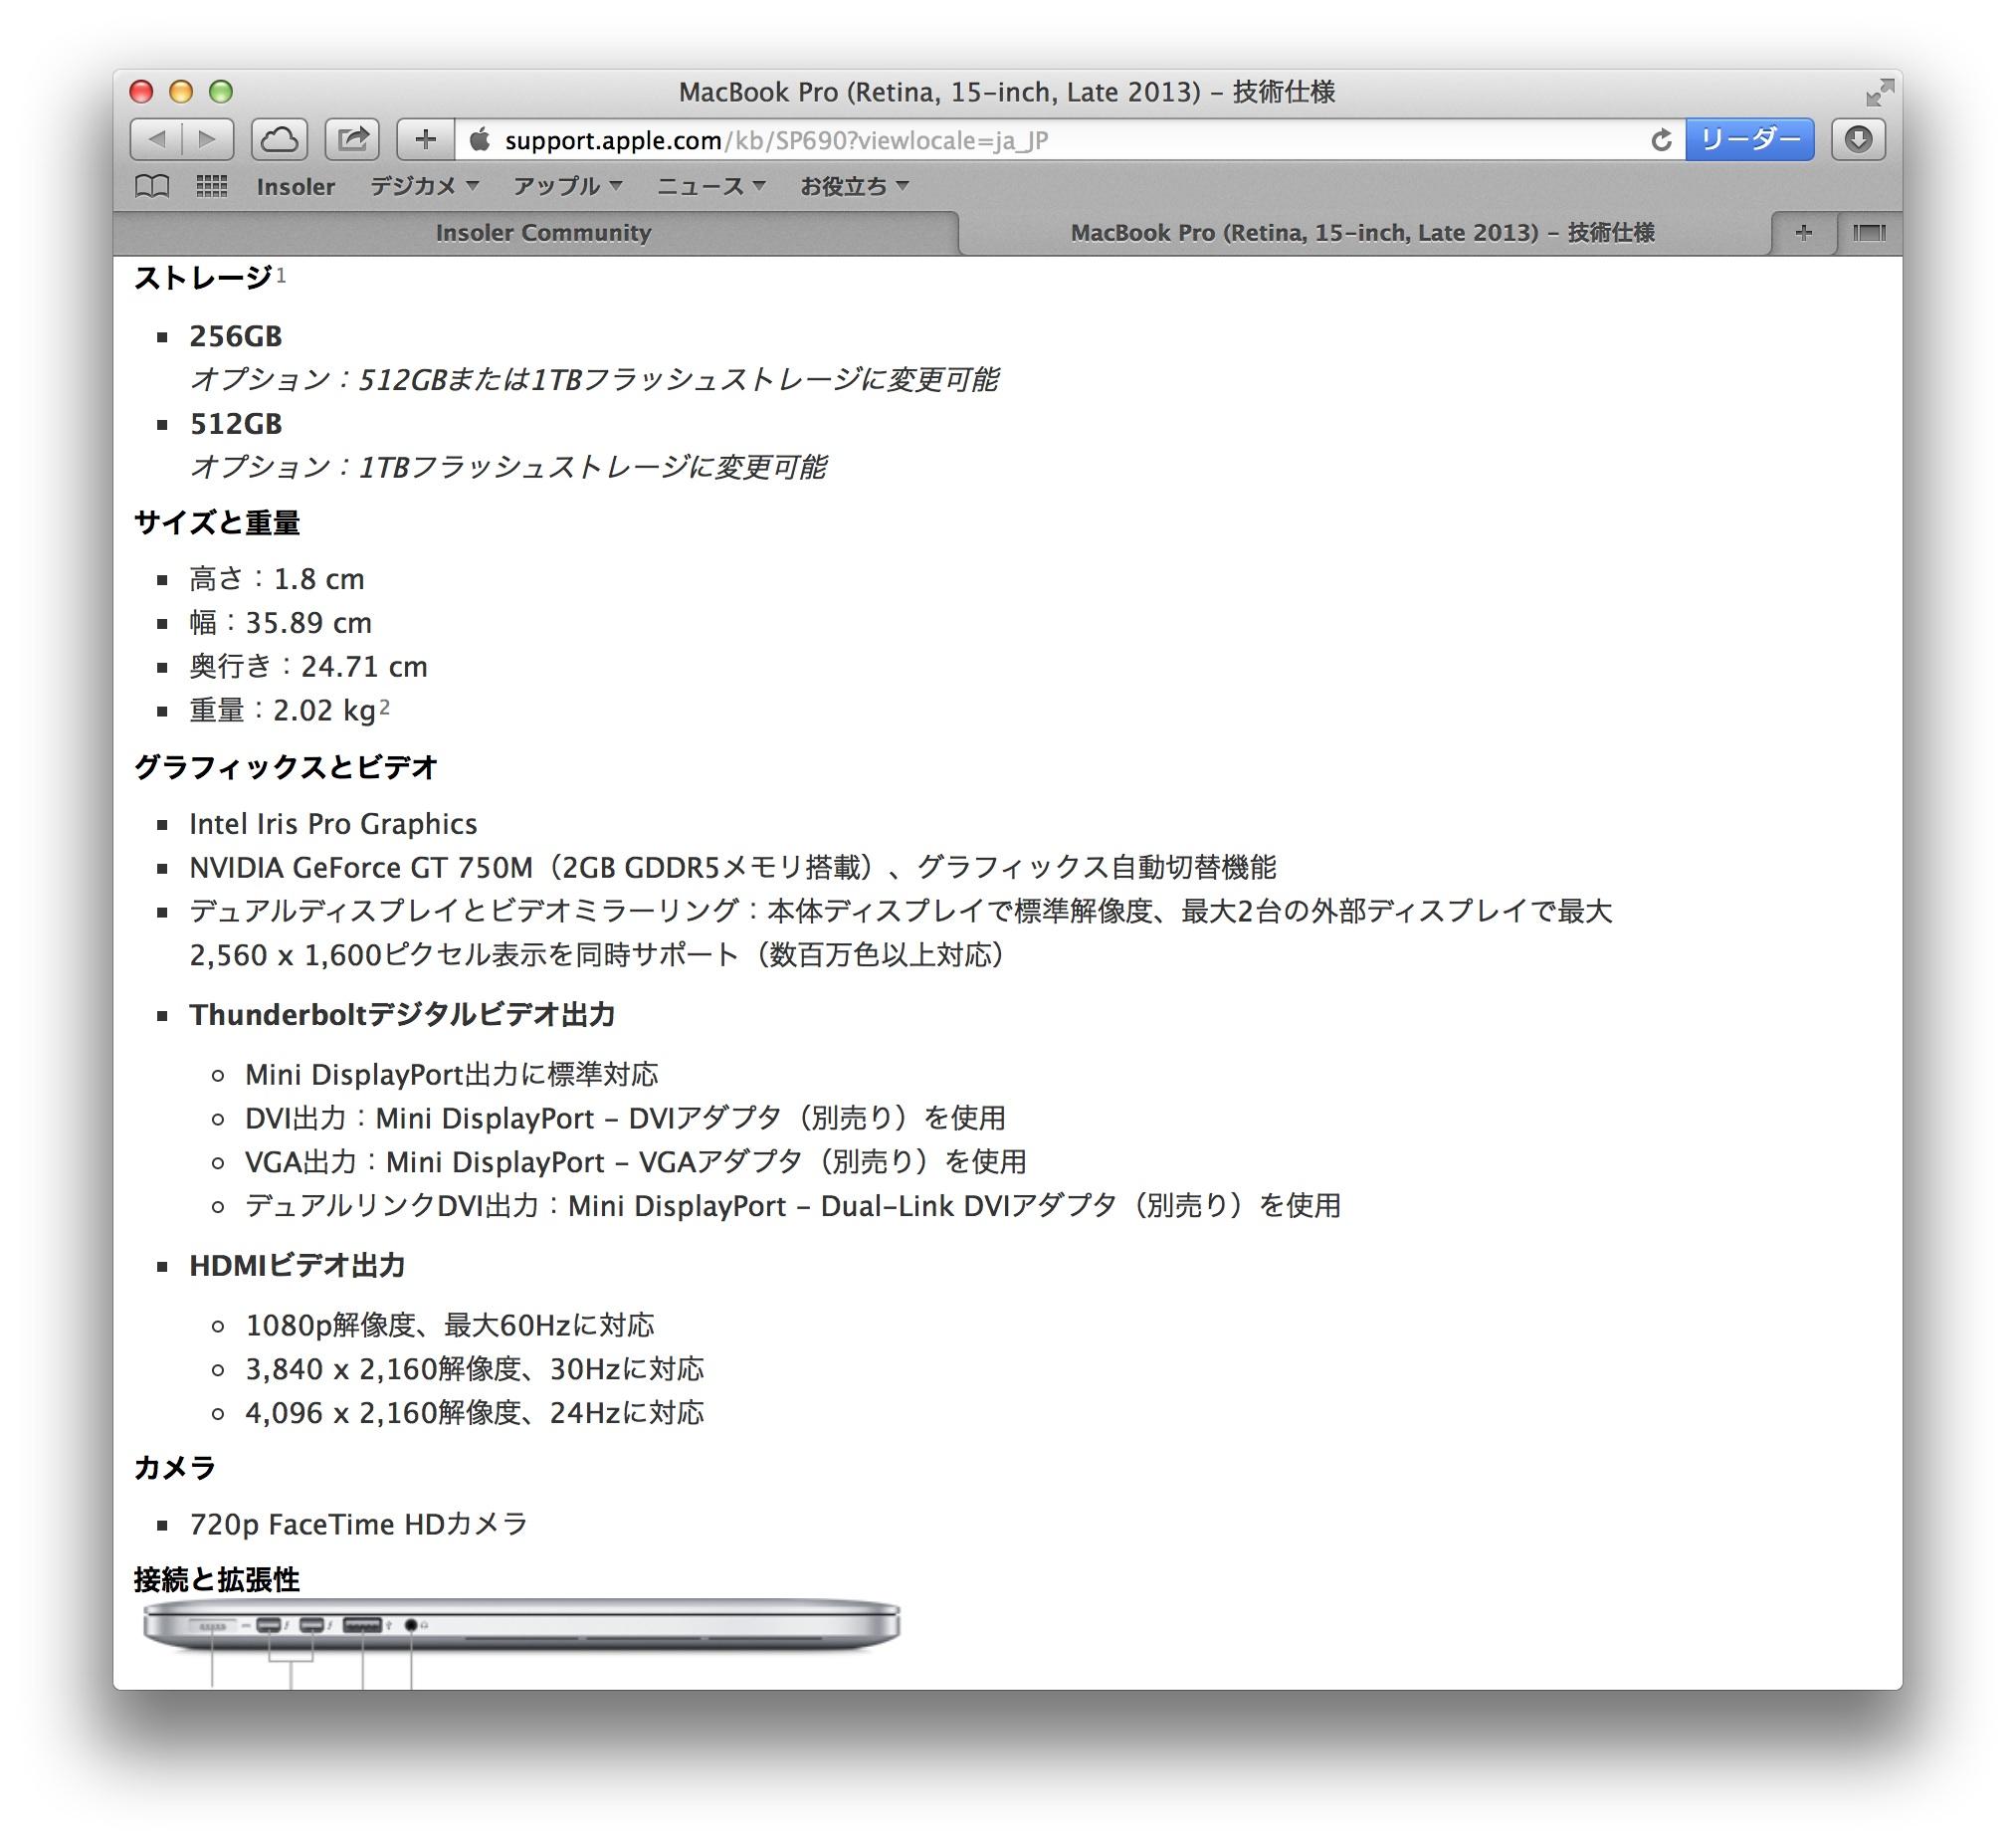 macbookpro15corei723retina14.jpg